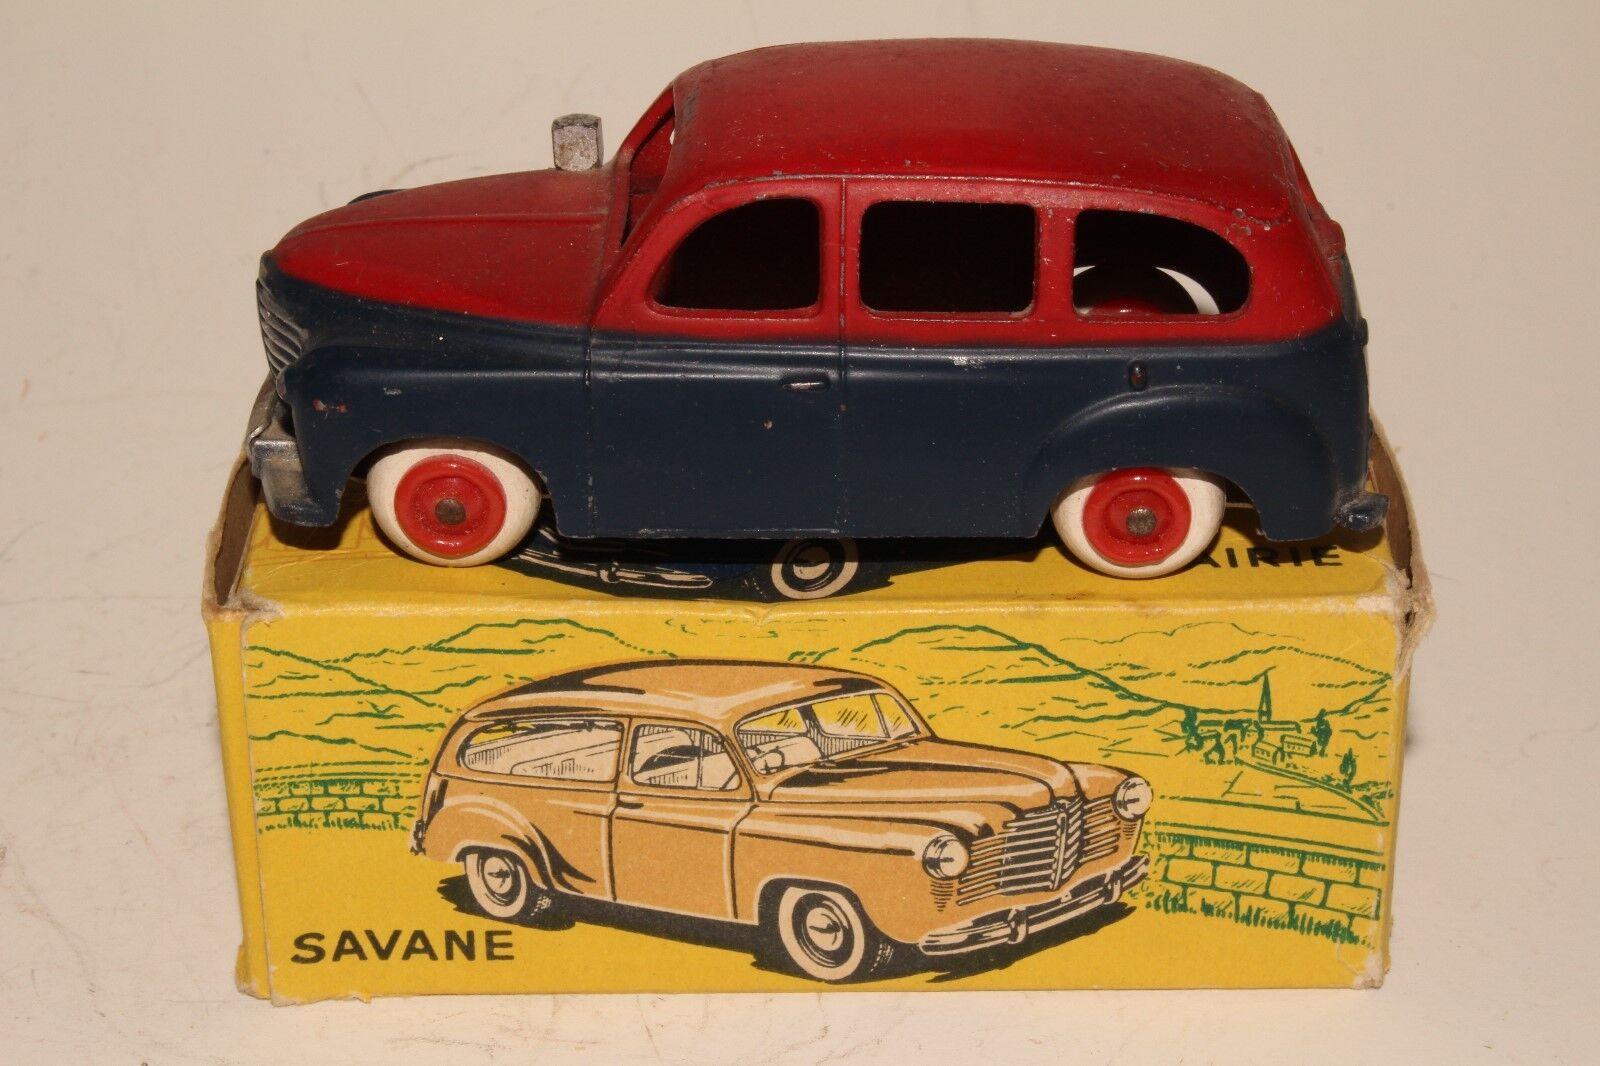 594ms Cij Juguetes, Renault Taxi con Original Caja